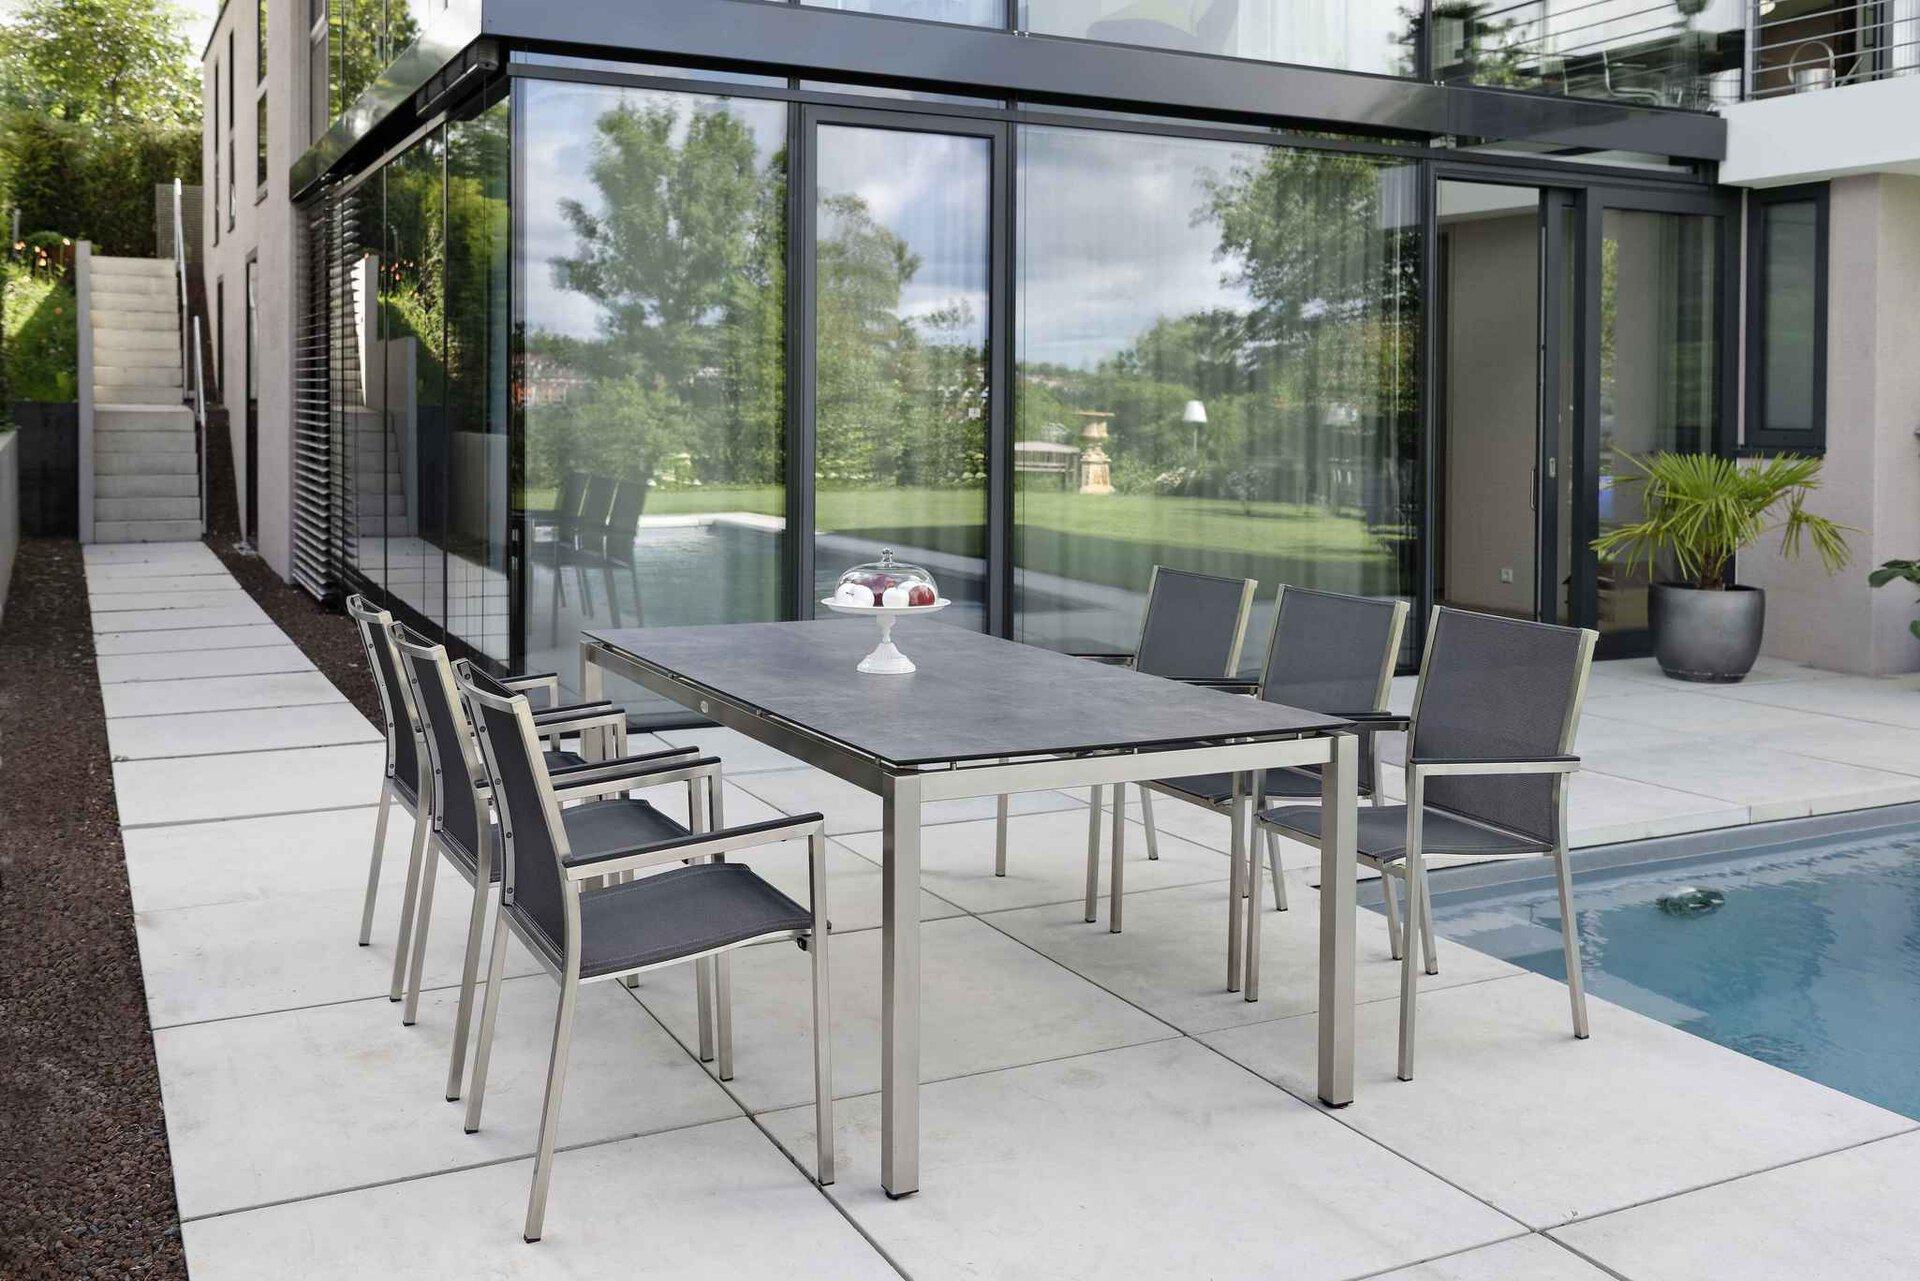 Stapelstuhl POLARIS Stern Garten- und Freizeitmöbel Textil grau 54 x 89 x 61 cm